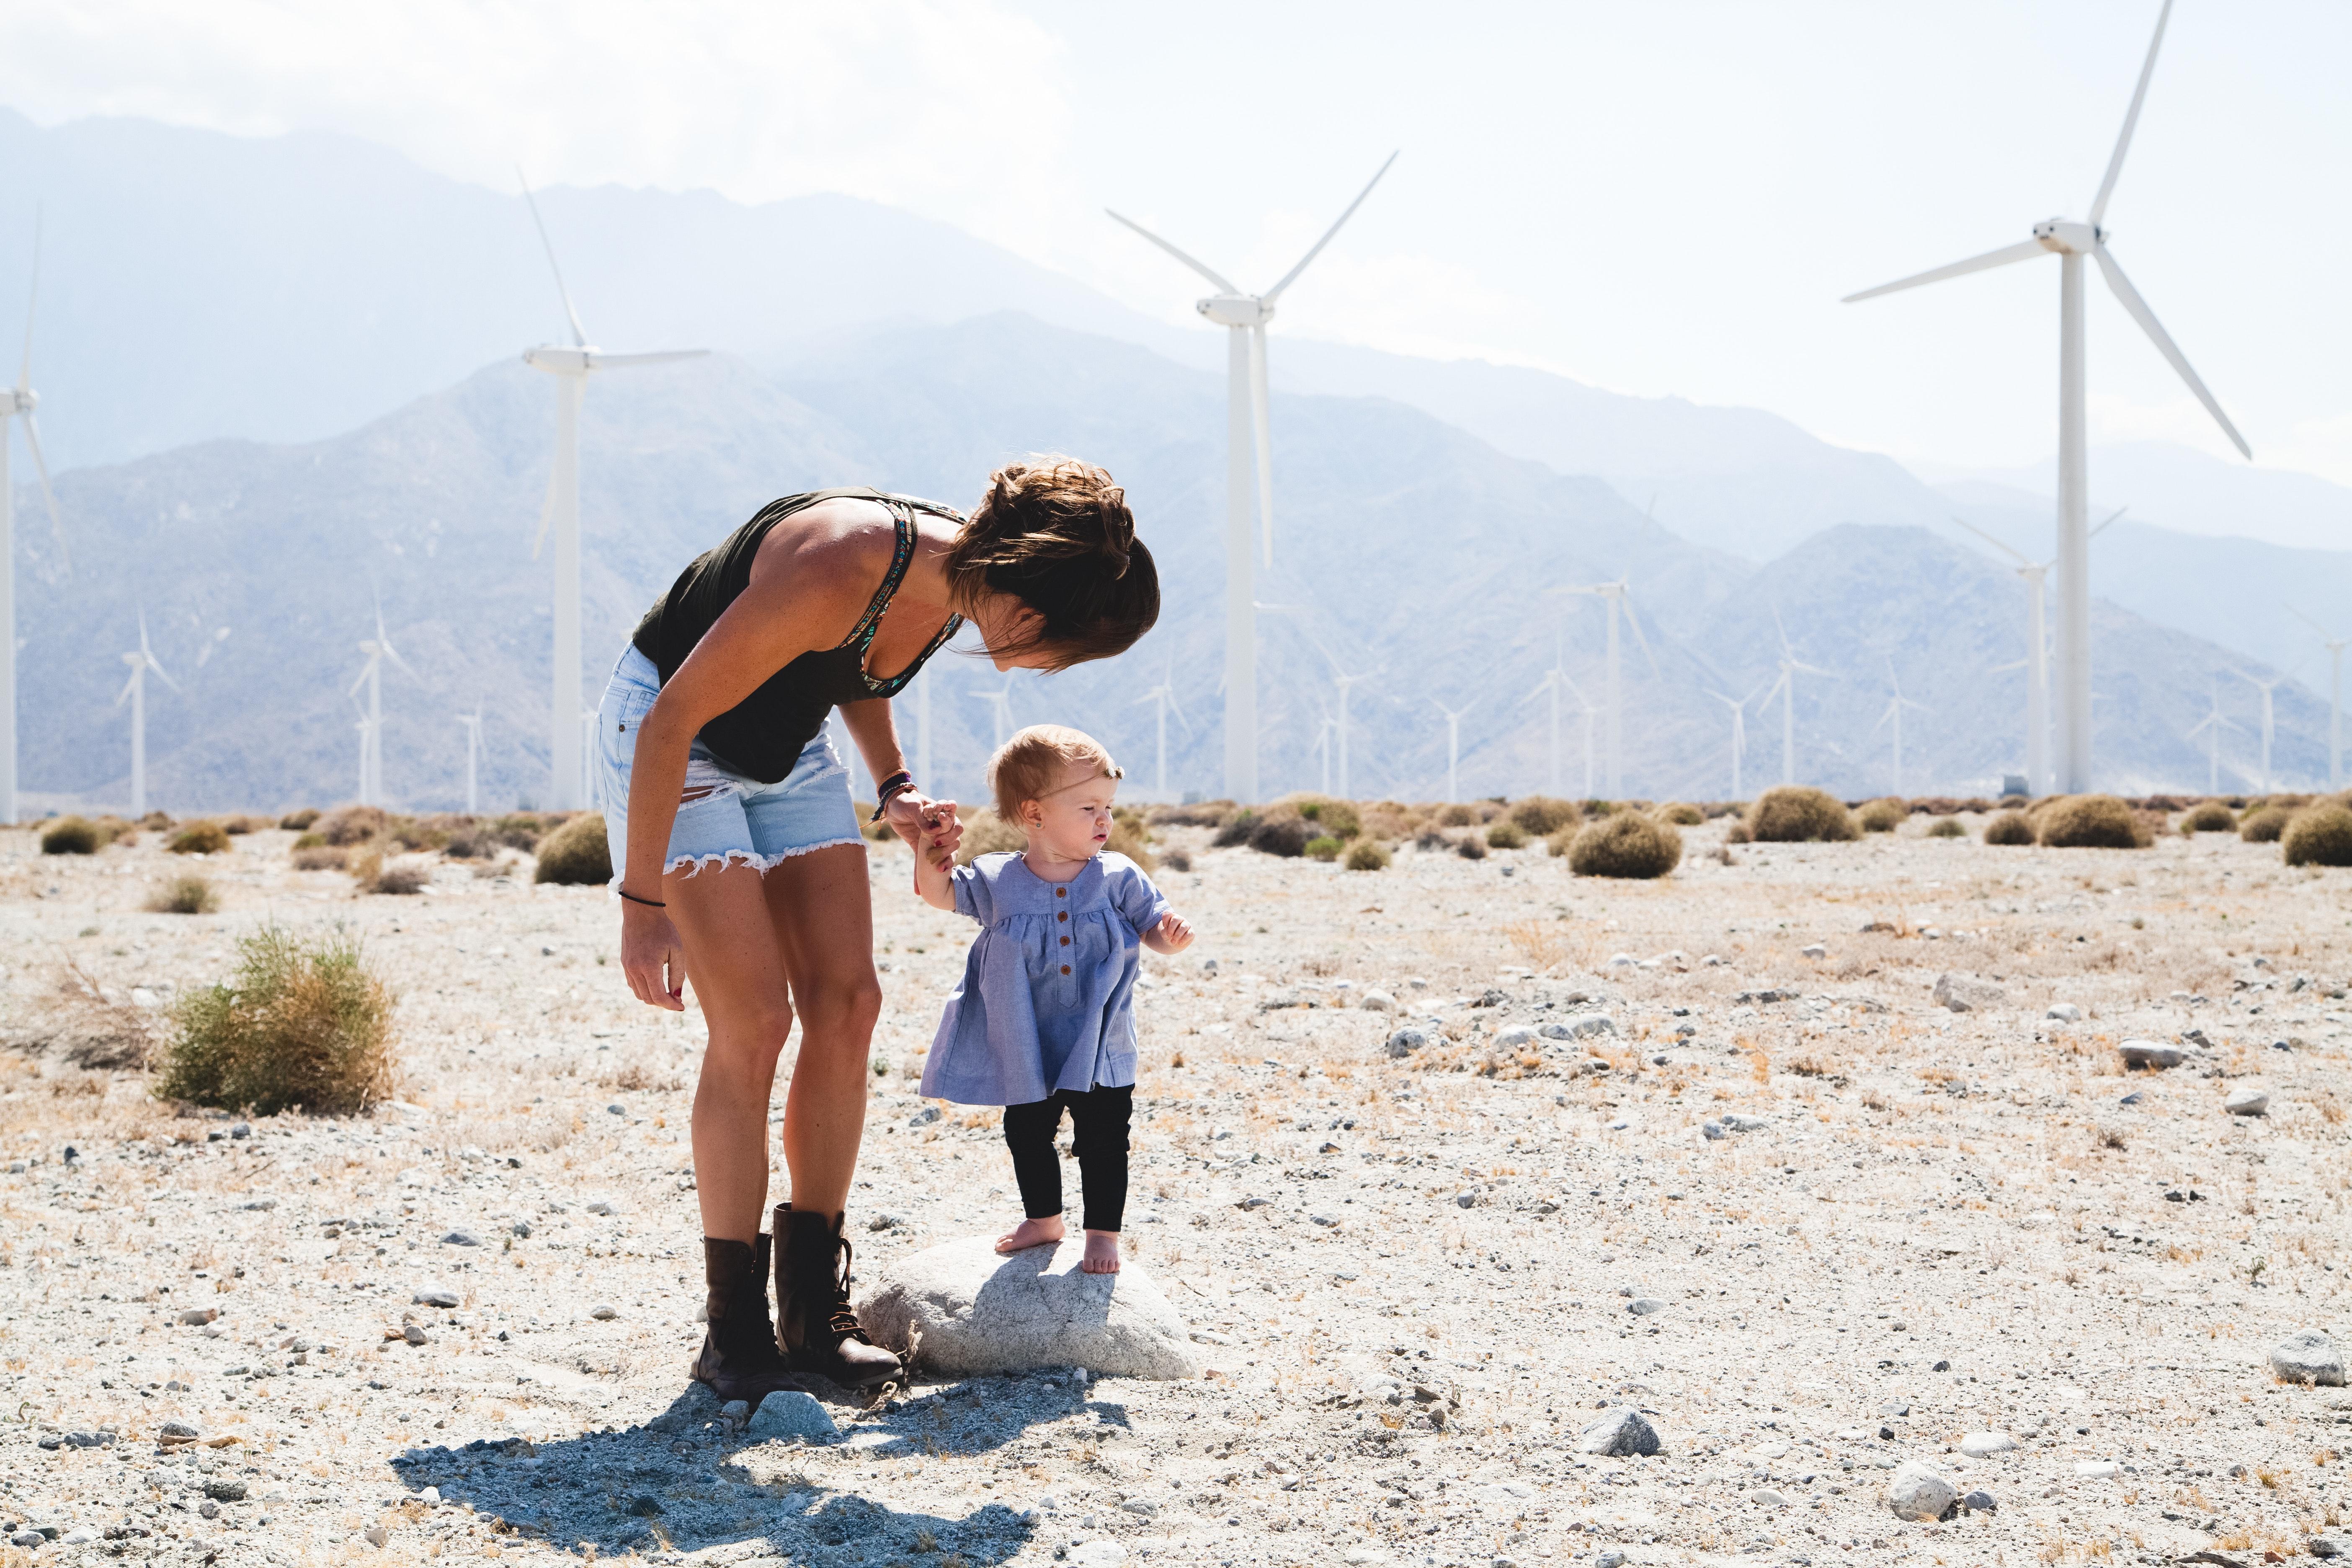 Így segíthet a szélenergia leküzdeni a globális felmelegedést